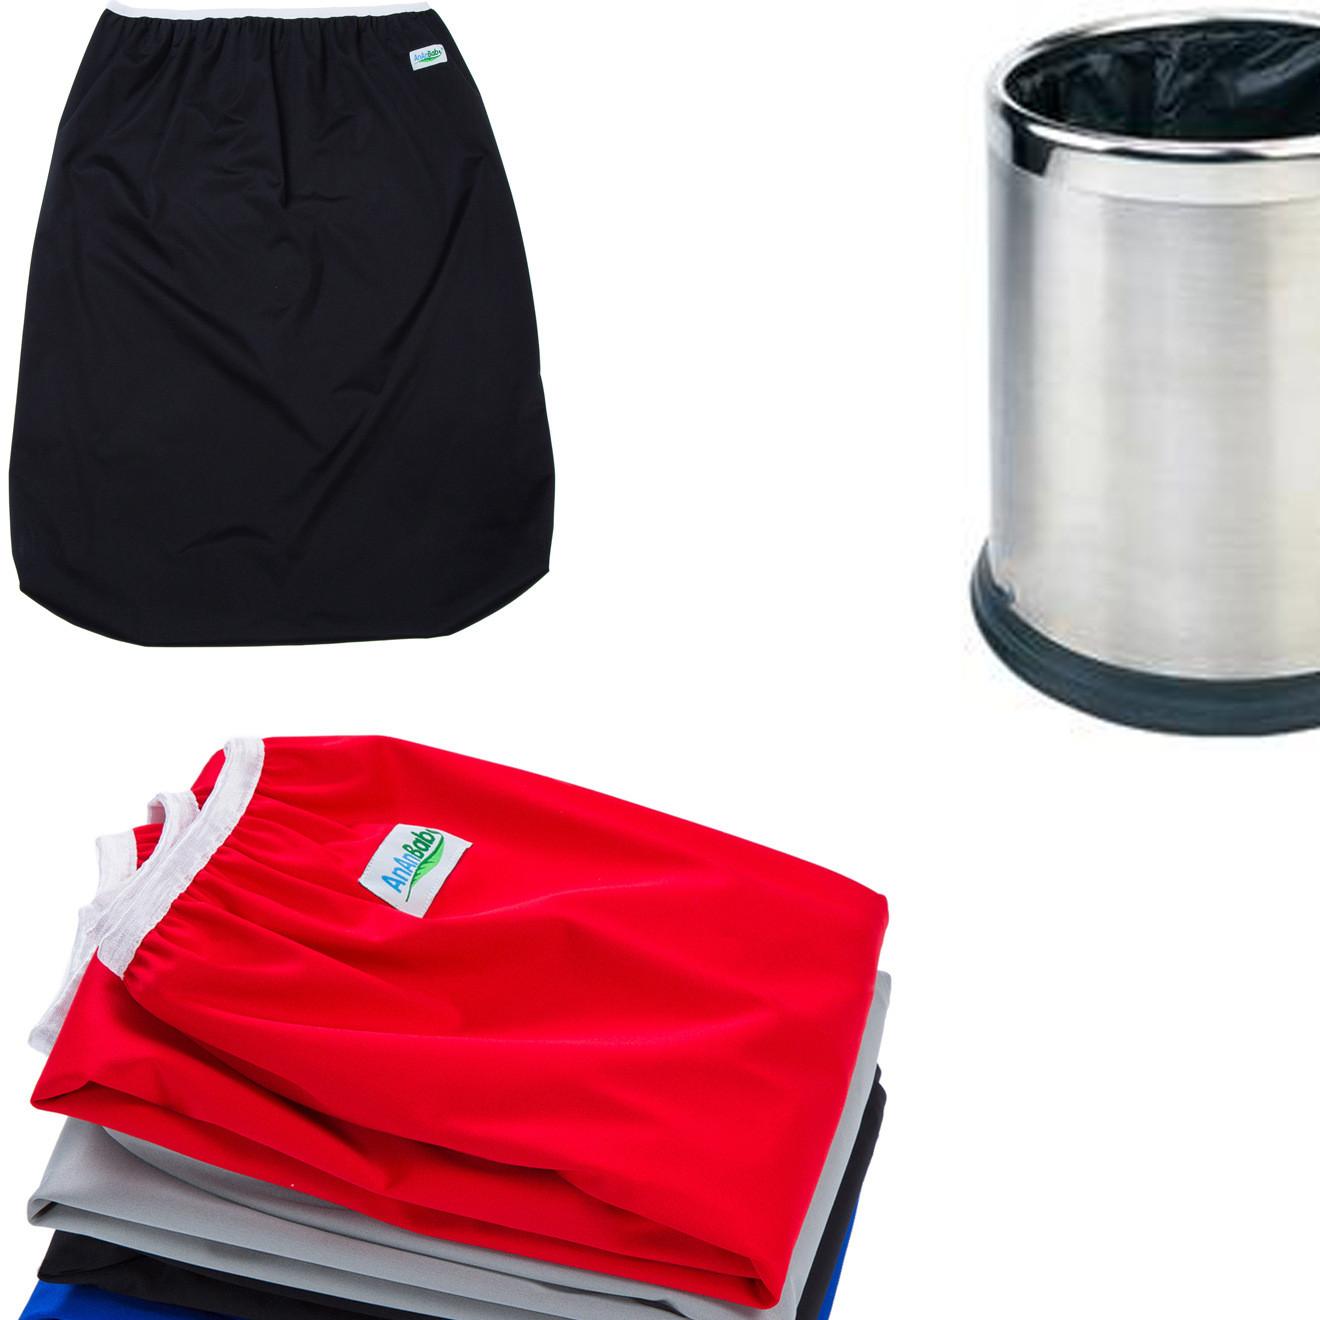 抽绳大尿布袋 婴儿尿布袋 环保透气防水隔尿袋 隔尿用品厂家直销